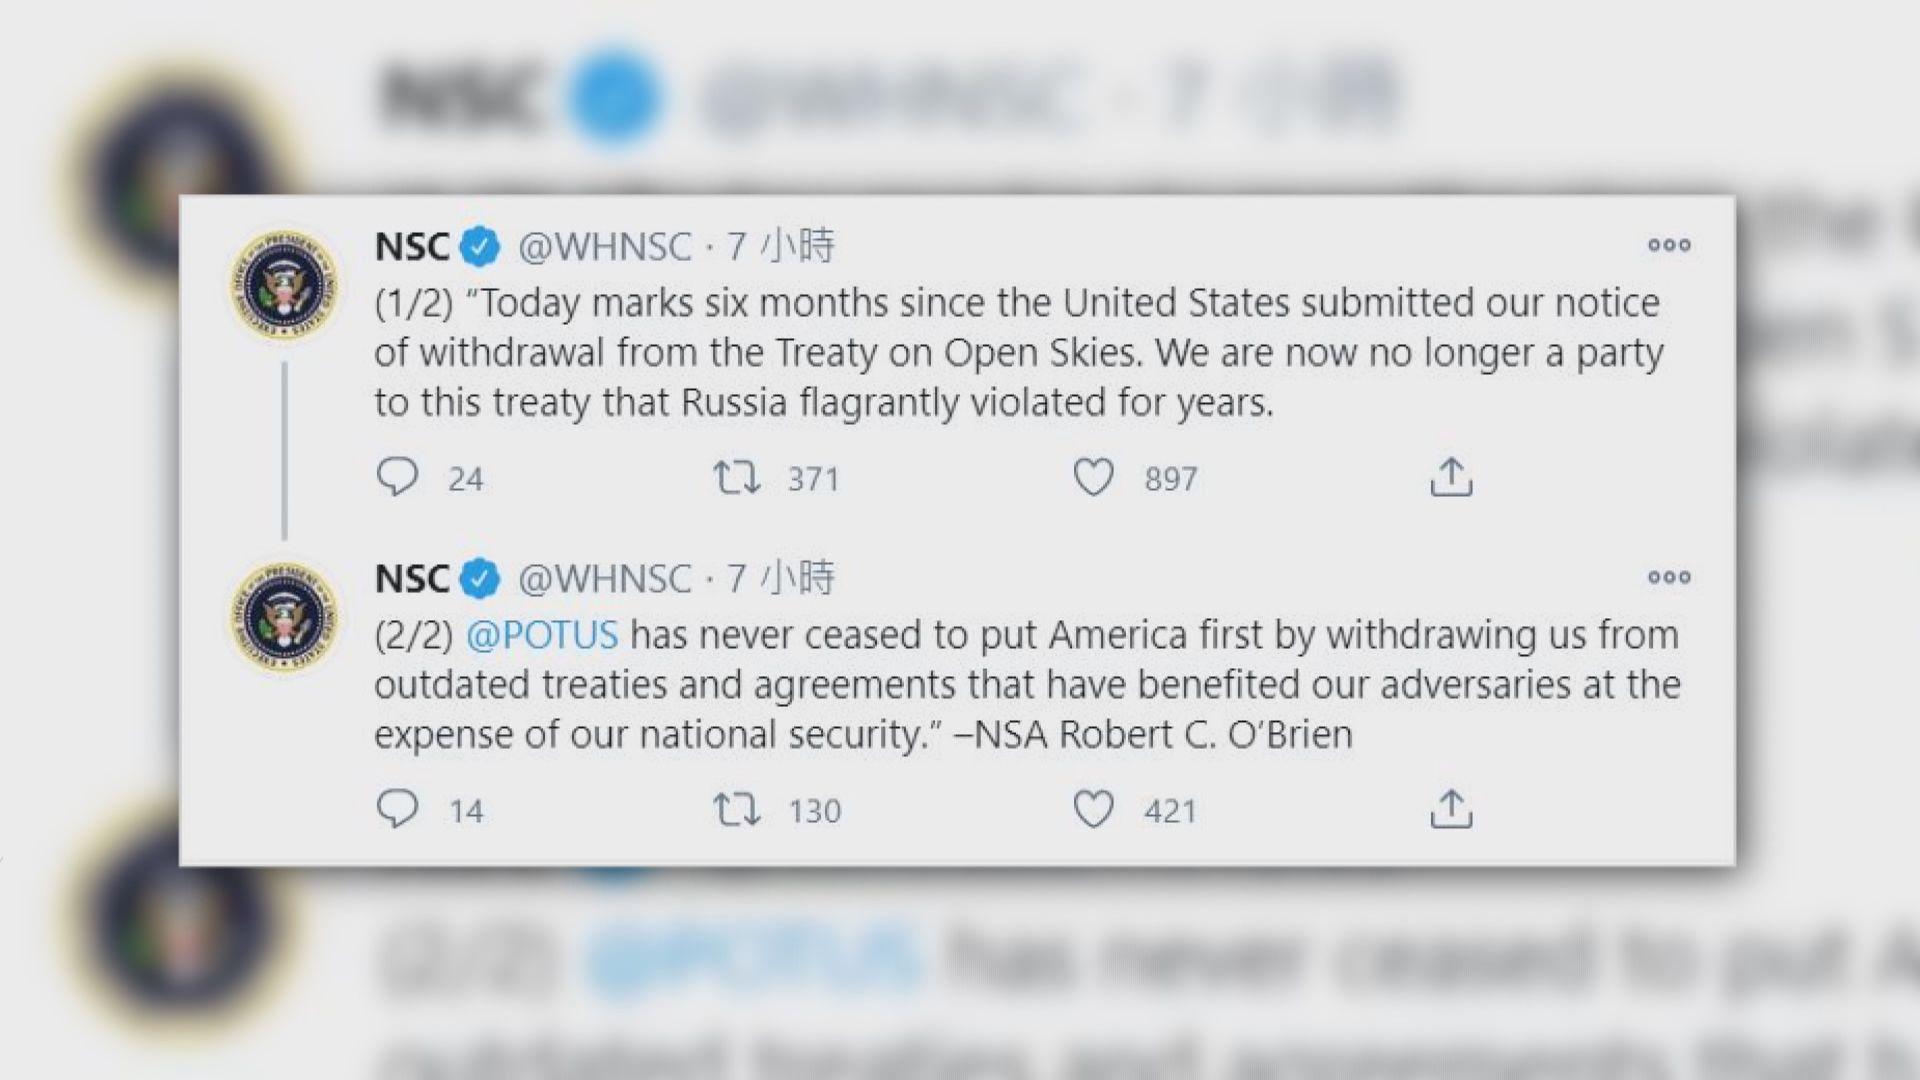 美國正式退出開放天空條約